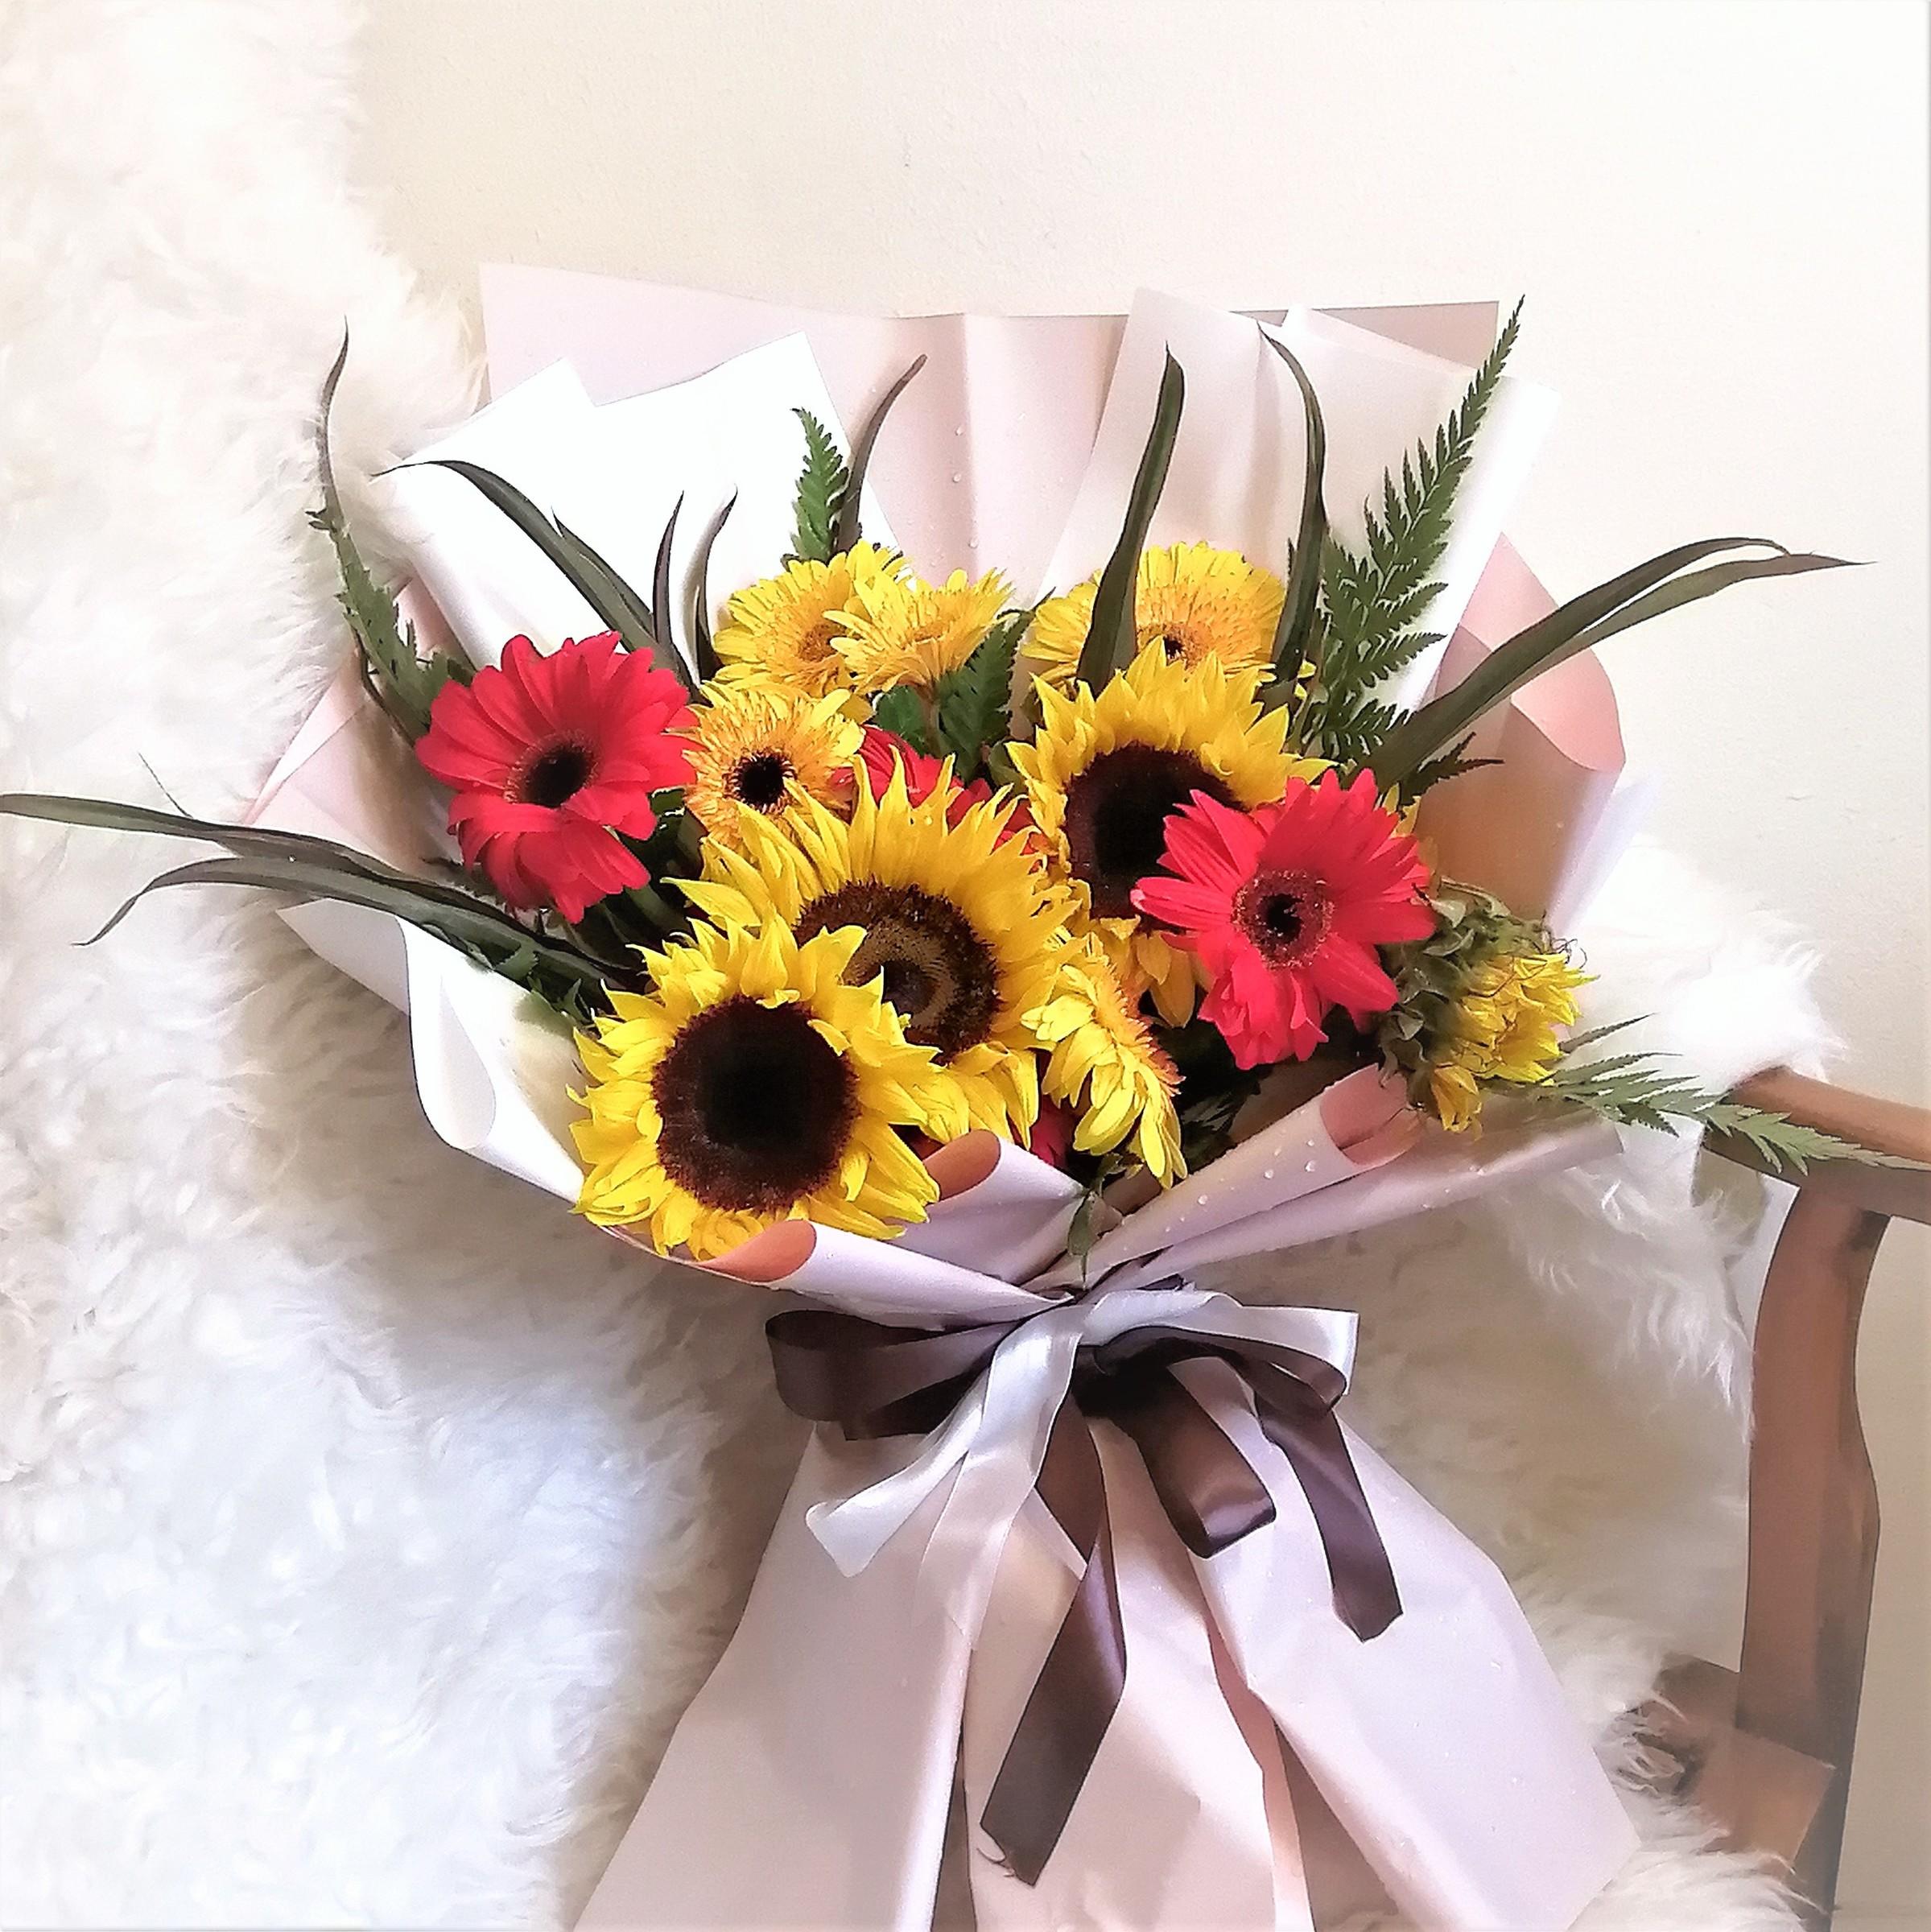 flower delivery kl 17.jpeg